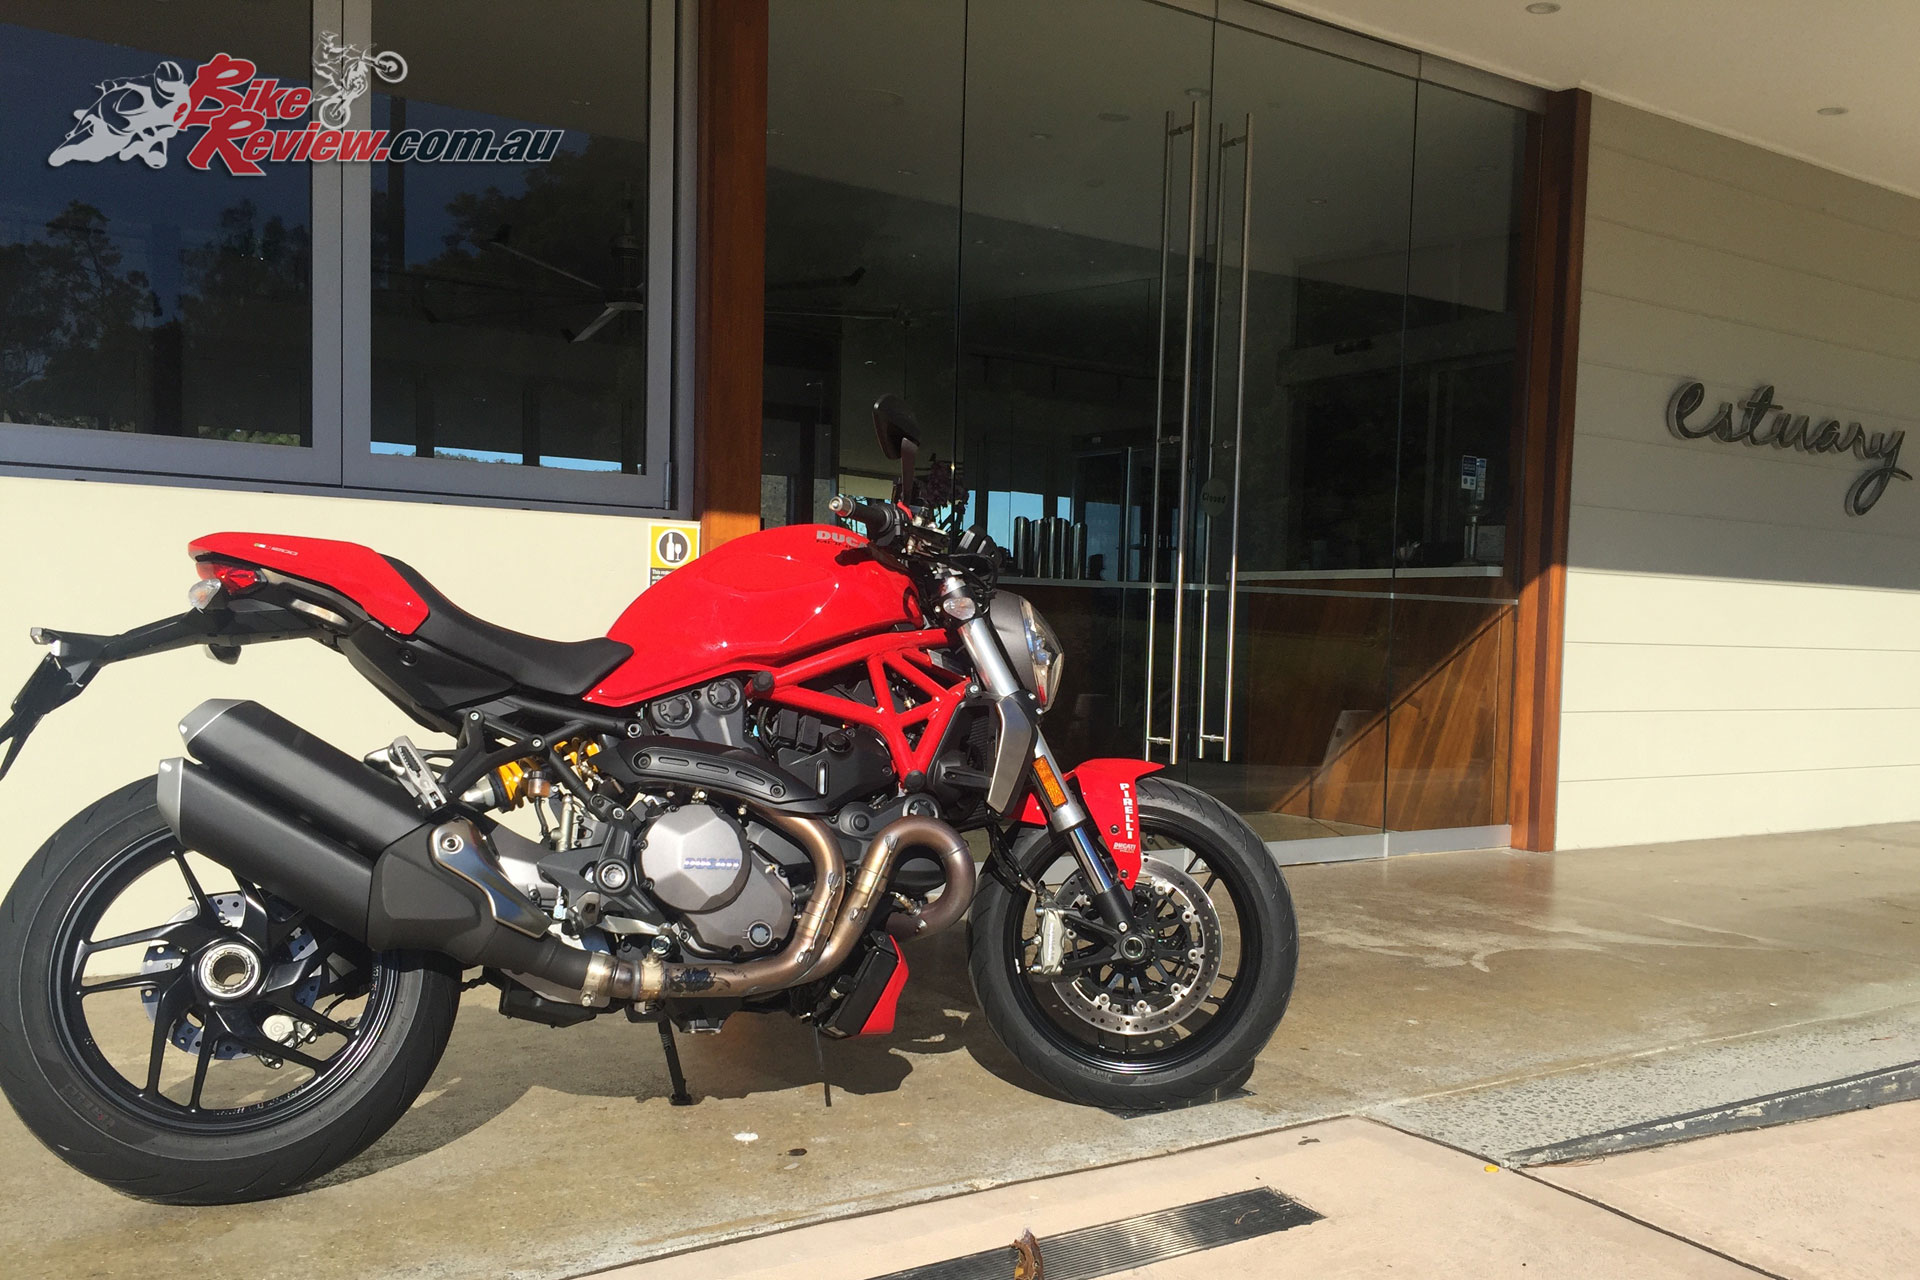 Ducati's 2017 Monster 1200